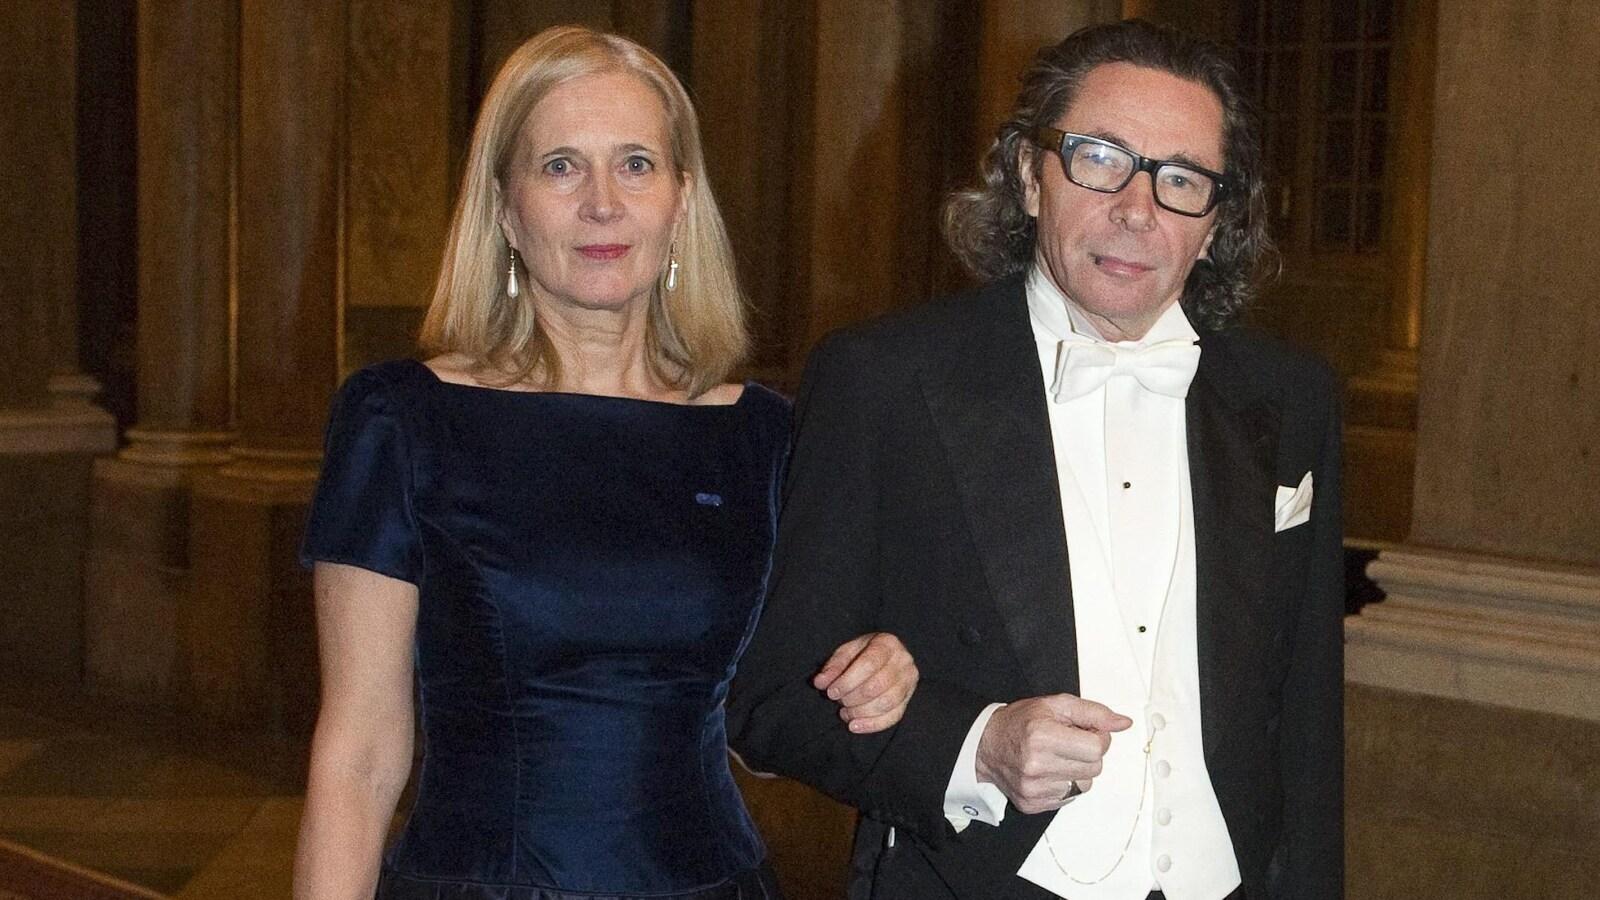 La poète Katarina Frostenson et son mari, Jean-Claude Arnault, prennent la pose en habits de soirée dans un couloir au Palais royal, à Stockholm.